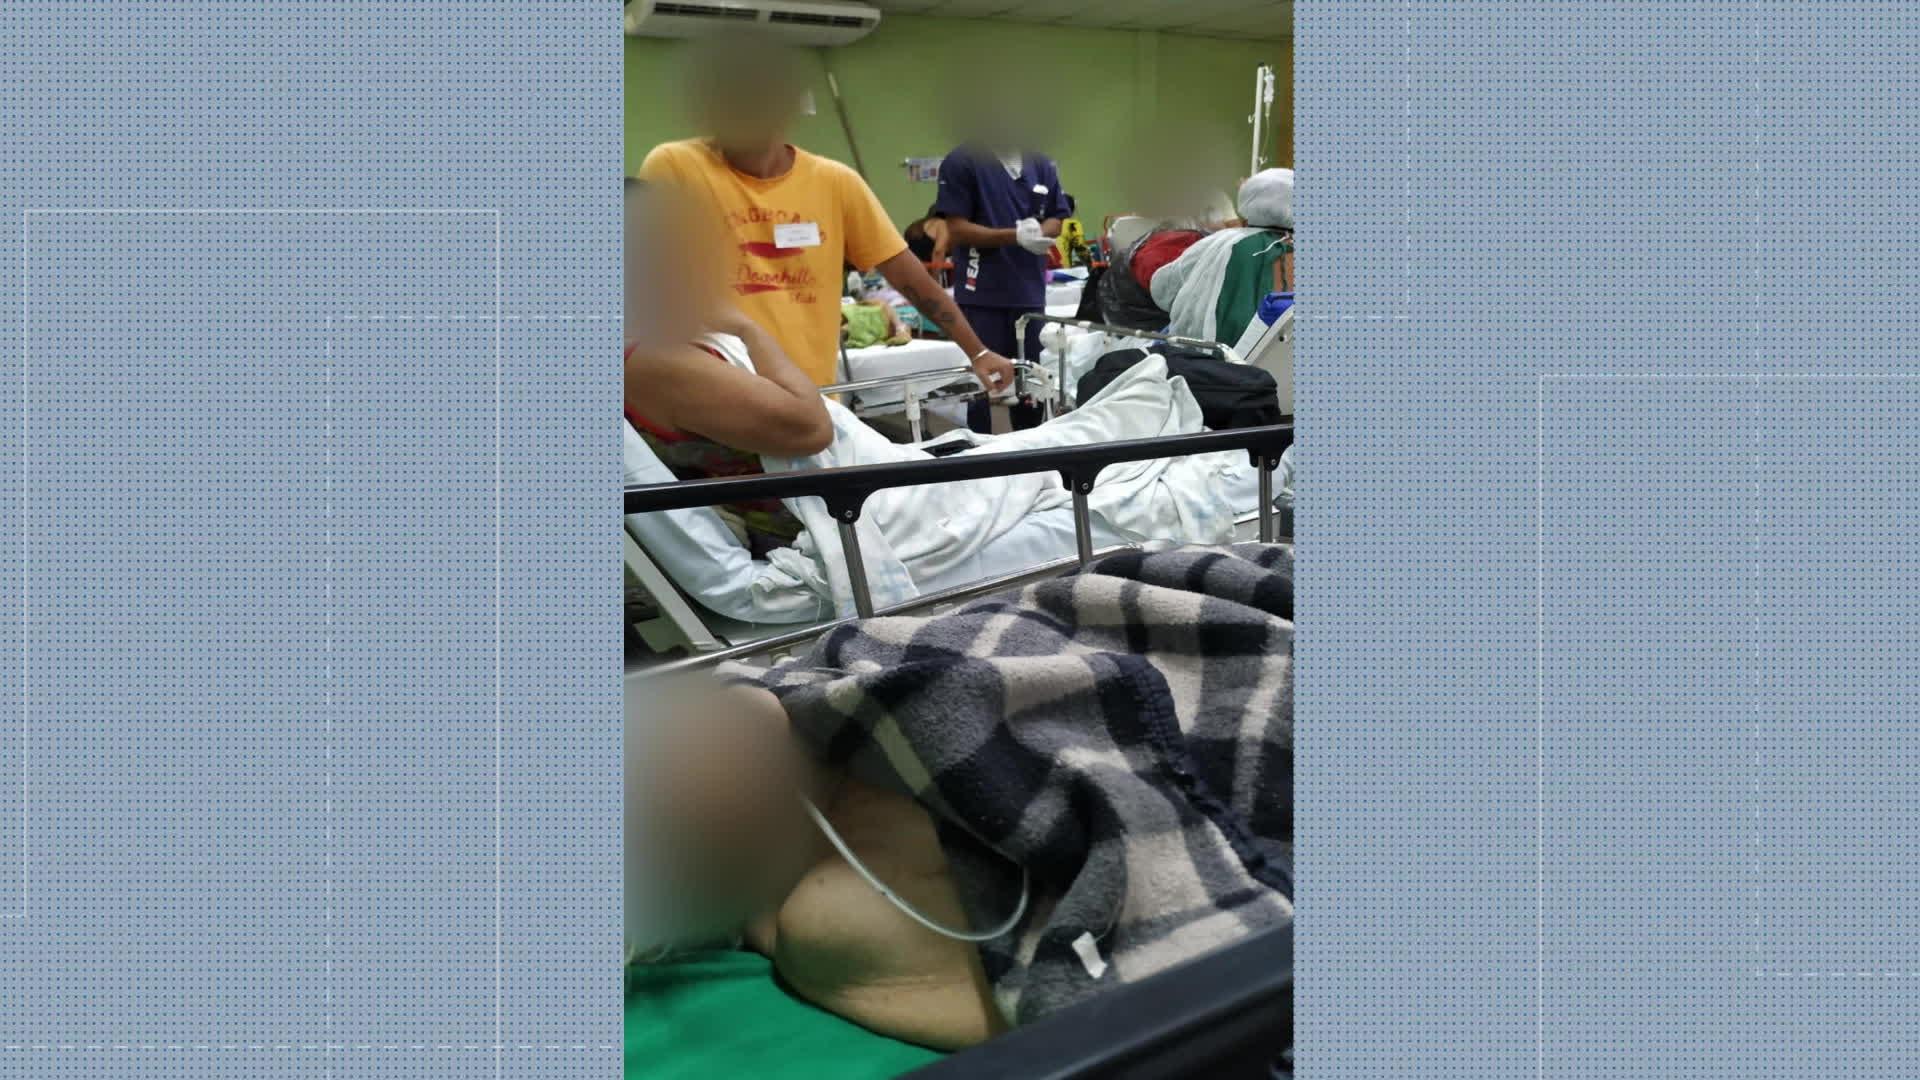 Parente de paciente do Hospital de Saracuruna relata 'cenário humilhante e desesperador'